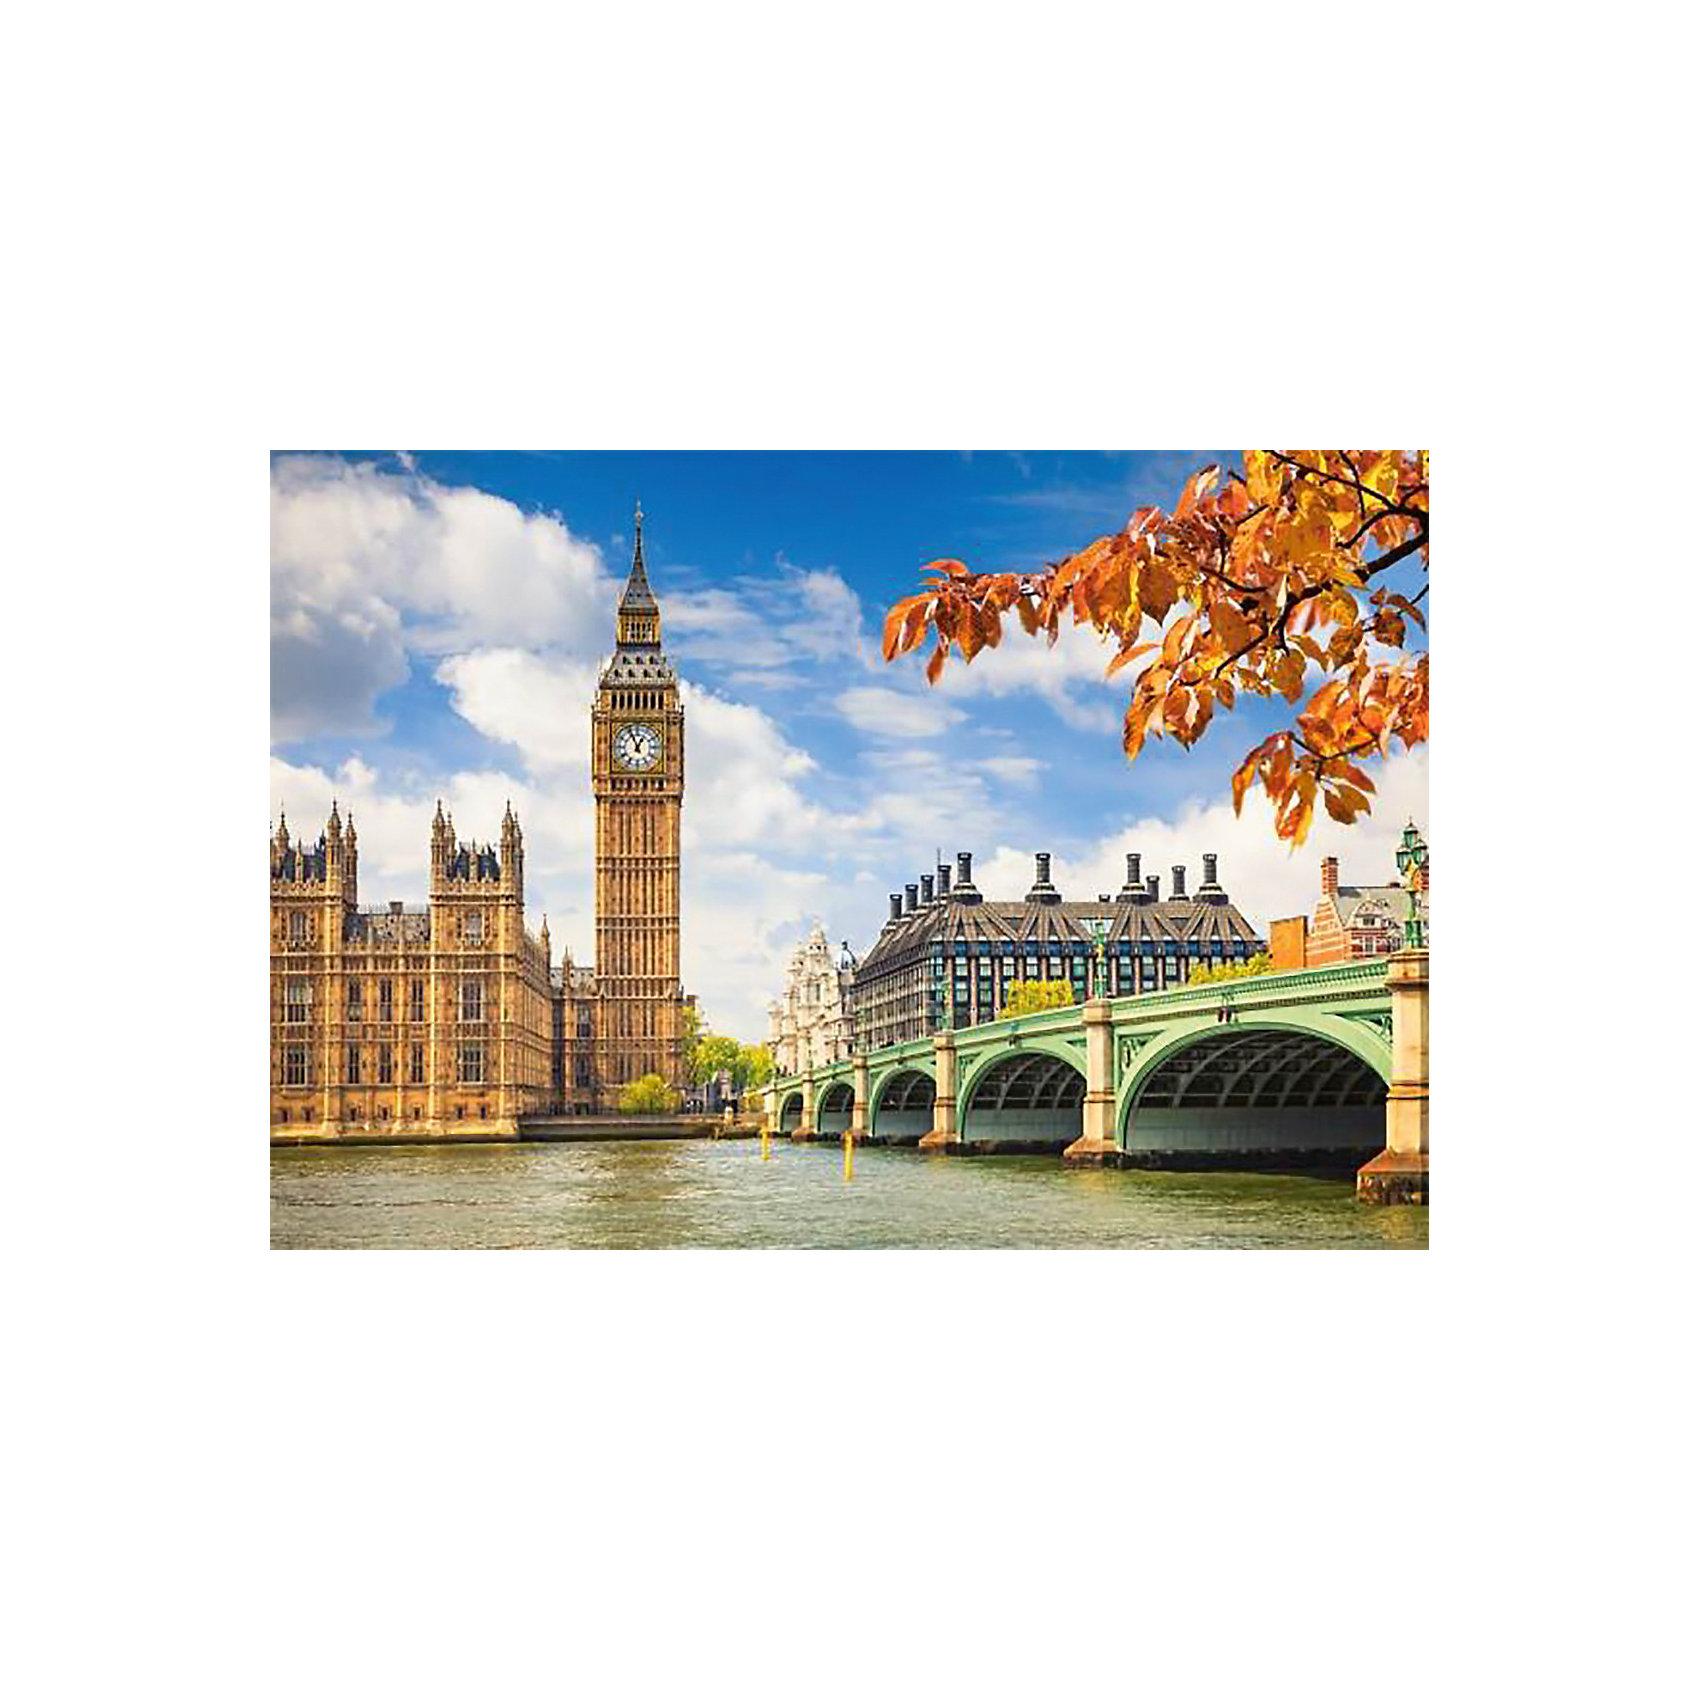 Пазл Сердце Лондона, 1000 деталей, CastorlandКлассические пазлы<br>Пазл «Сердце Лондона», 1000 деталей, Castorland (Касторленд) - находка для любителя пейзажей. Очутиться в самом сердце Лондона можно, не выходя из дома. С пазлом «Сердце Лондона»,  1000 деталей, Castorland (Касторленд)  Вы увидите и известные на весь мир часы Биг Бен, и мост через знаменитую реку Темзу. Пазл прекрасно подойдет для семейного творчества и поможет увлекательно и с пользой провести не один вечер. Детали пазла выполнены из качественного плотного картона. Процесс сборки пазла подарит Вашему ребенку массу приятных впечатлений, разовьет в нем усидчивость, логическое мышление, поможет стать ему более внимательным.  <br><br>Дополнительная информация: <br><br>- Уникальное качество деталей;<br>- Развивает: воображение, логику, мелкую моторику, память;<br>- Чудесное украшение интерьера;<br>- Прекрасная полиграфия;<br>- Размеры: 24,8 x 34,8 x 5 см;<br>- Размер готовой картинки: 68 х 48 см;<br>- Вес: 0,5 кг.<br><br>Пазл «Сердце Лондона»,  1000 деталей, Castorland (Касторленд)  можно купить в нашем интернет-магазине.<br><br>Ширина мм: 350<br>Глубина мм: 50<br>Высота мм: 250<br>Вес г: 500<br>Возраст от месяцев: 168<br>Возраст до месяцев: 1188<br>Пол: Унисекс<br>Возраст: Детский<br>Количество деталей: 1000<br>SKU: 3849112